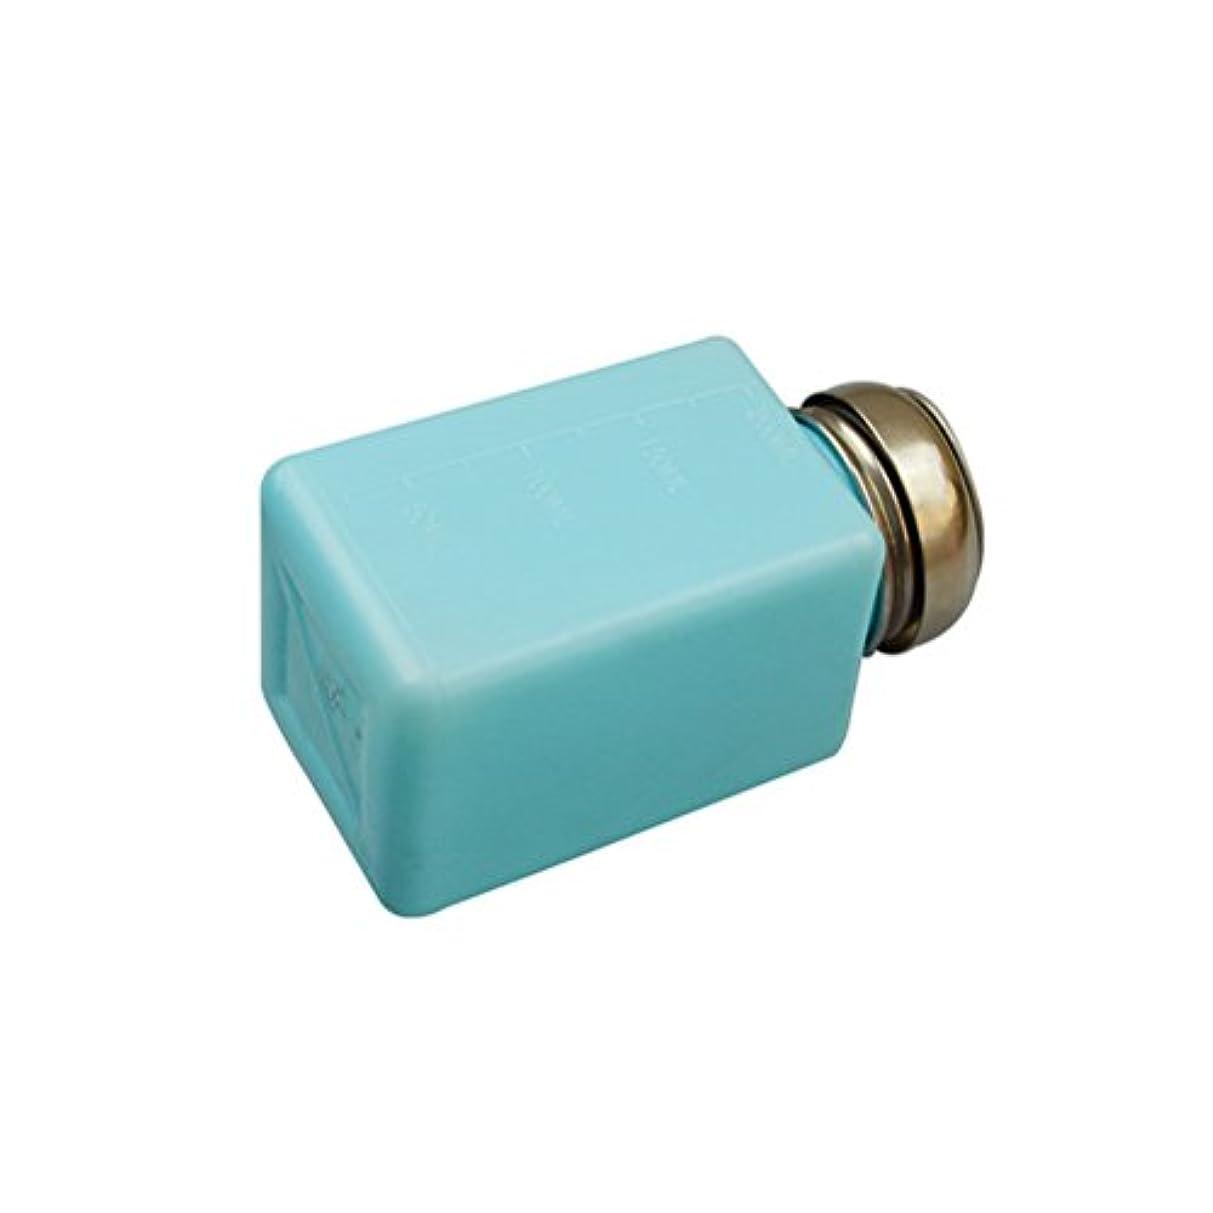 ミルク脅迫ナンセンスBESTOMZ アルコールボトル 便利 クレンジングオイル 小分け容器 静電防止 200ML(青)